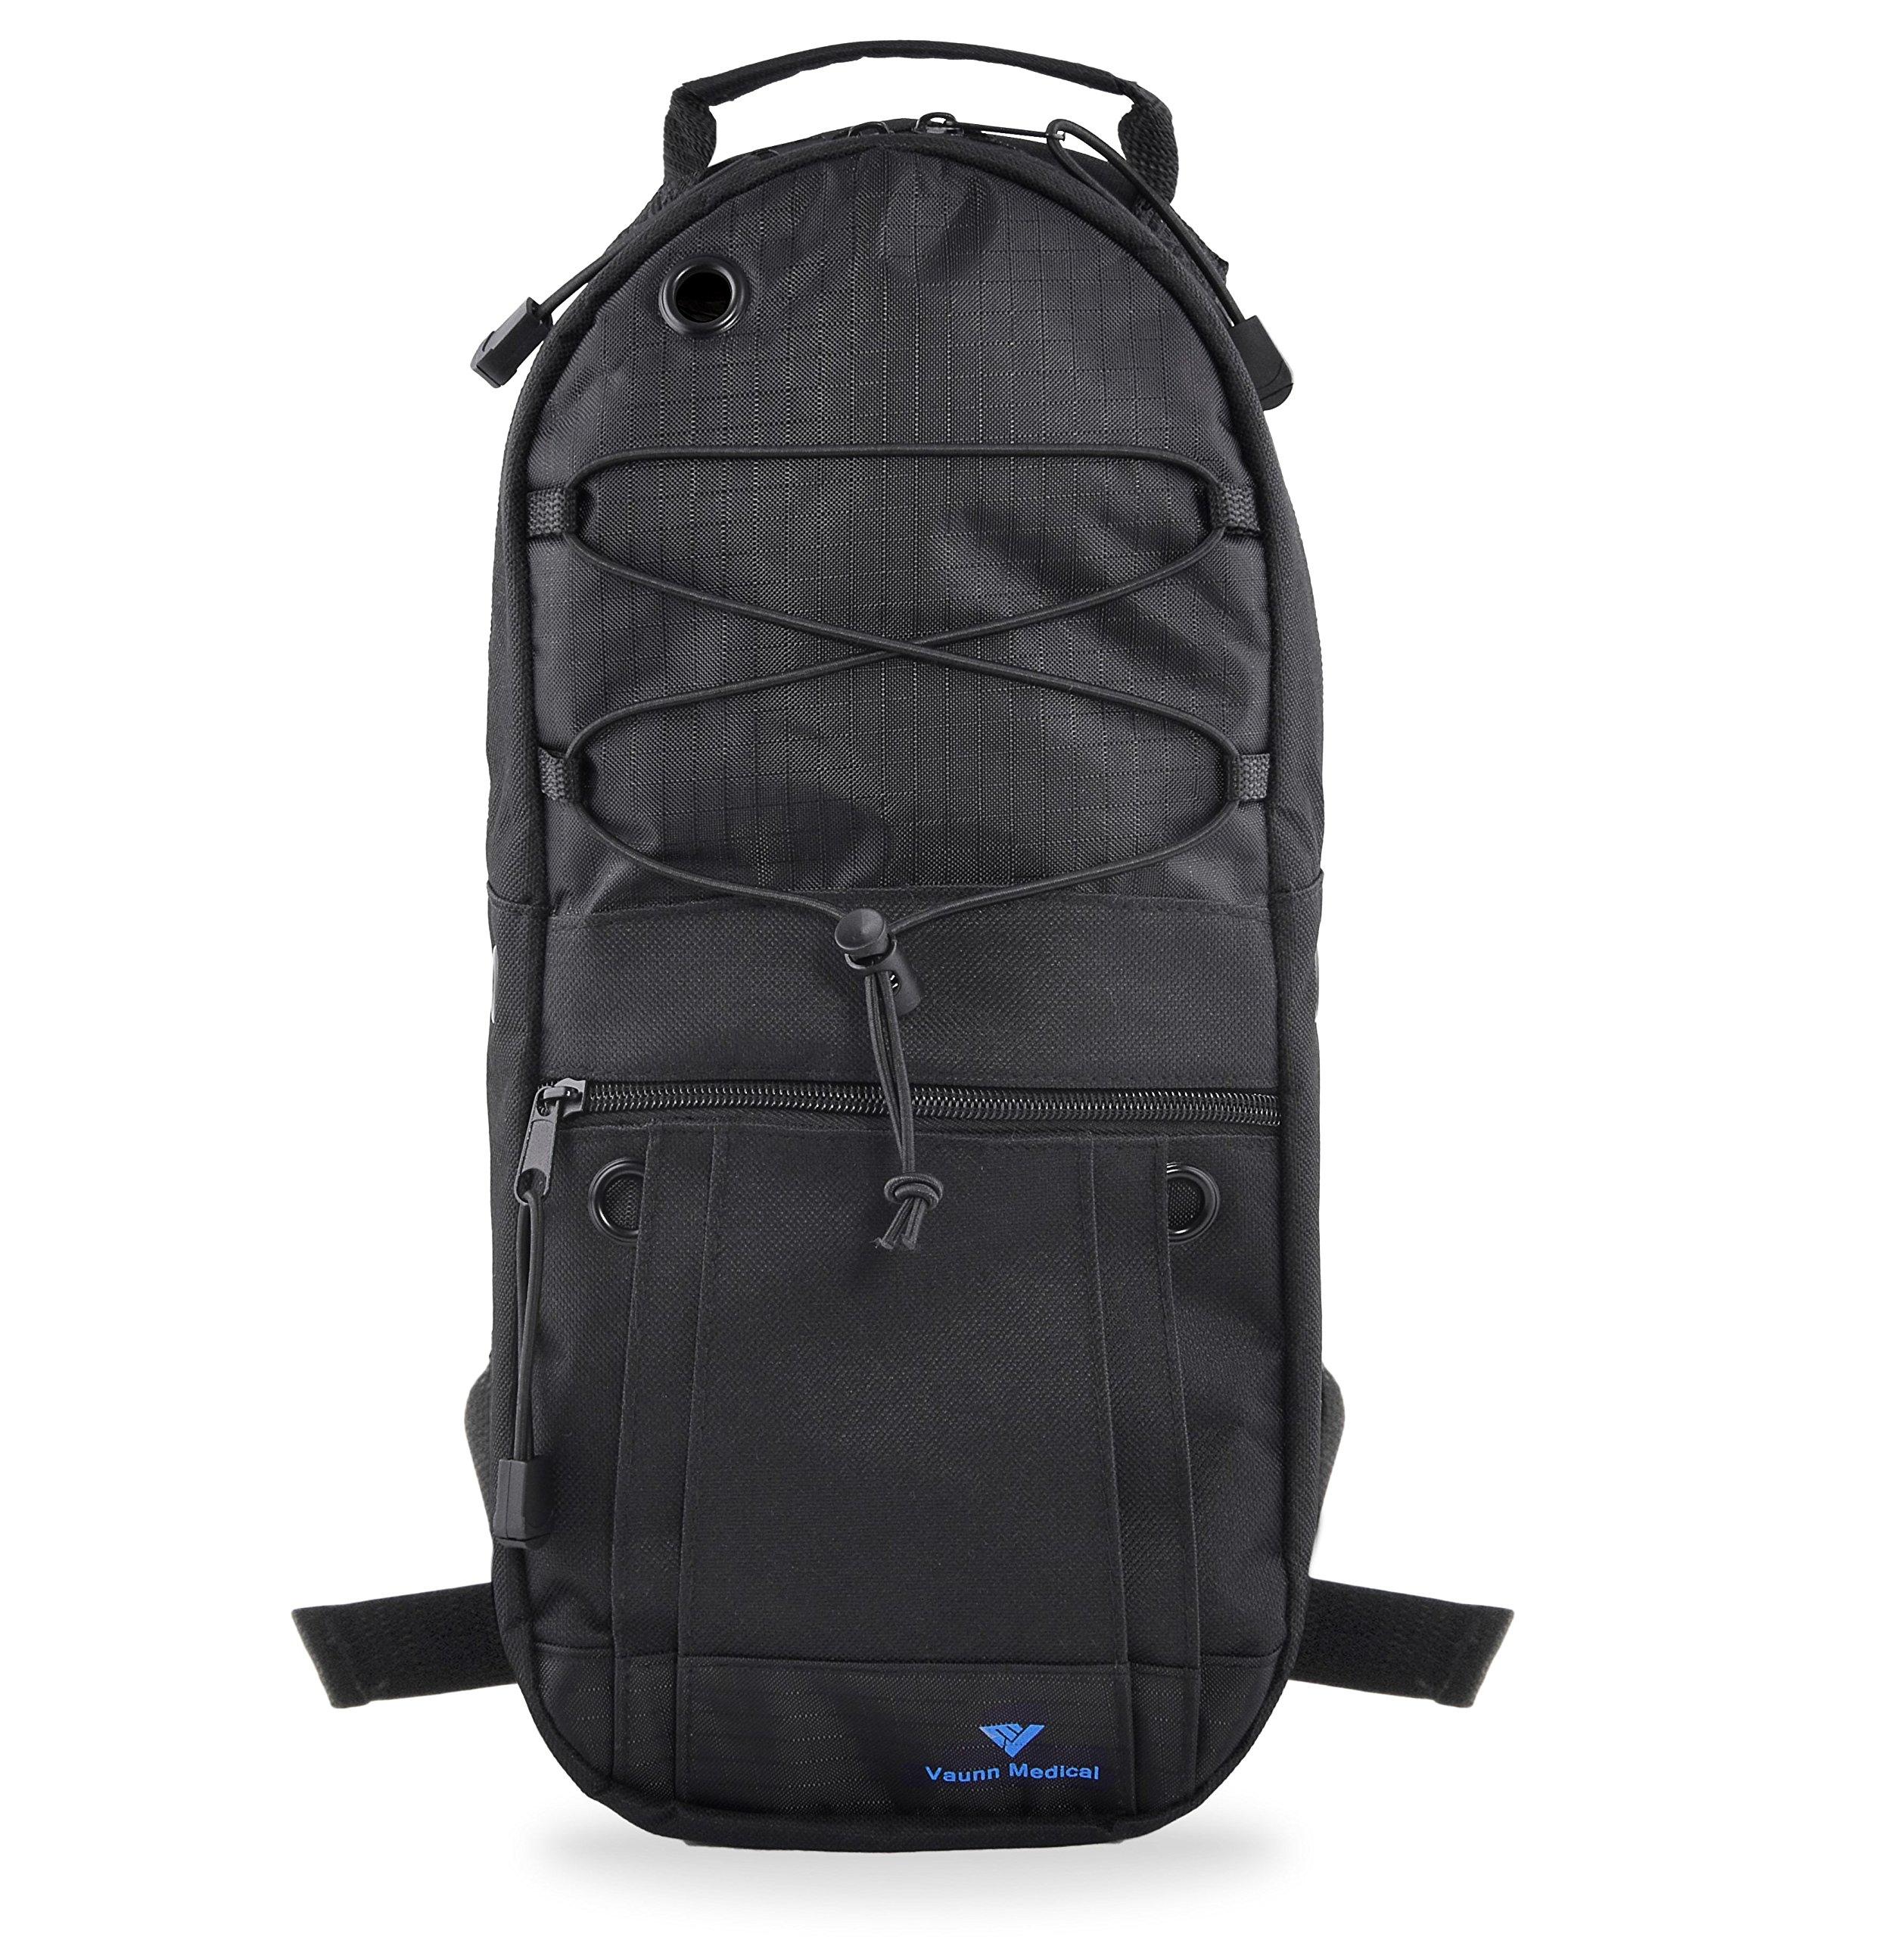 Vaunn Medical Oxygen Cylinder Tank Backpack Bag with Adjustable Straps M6/M9 Cylinders